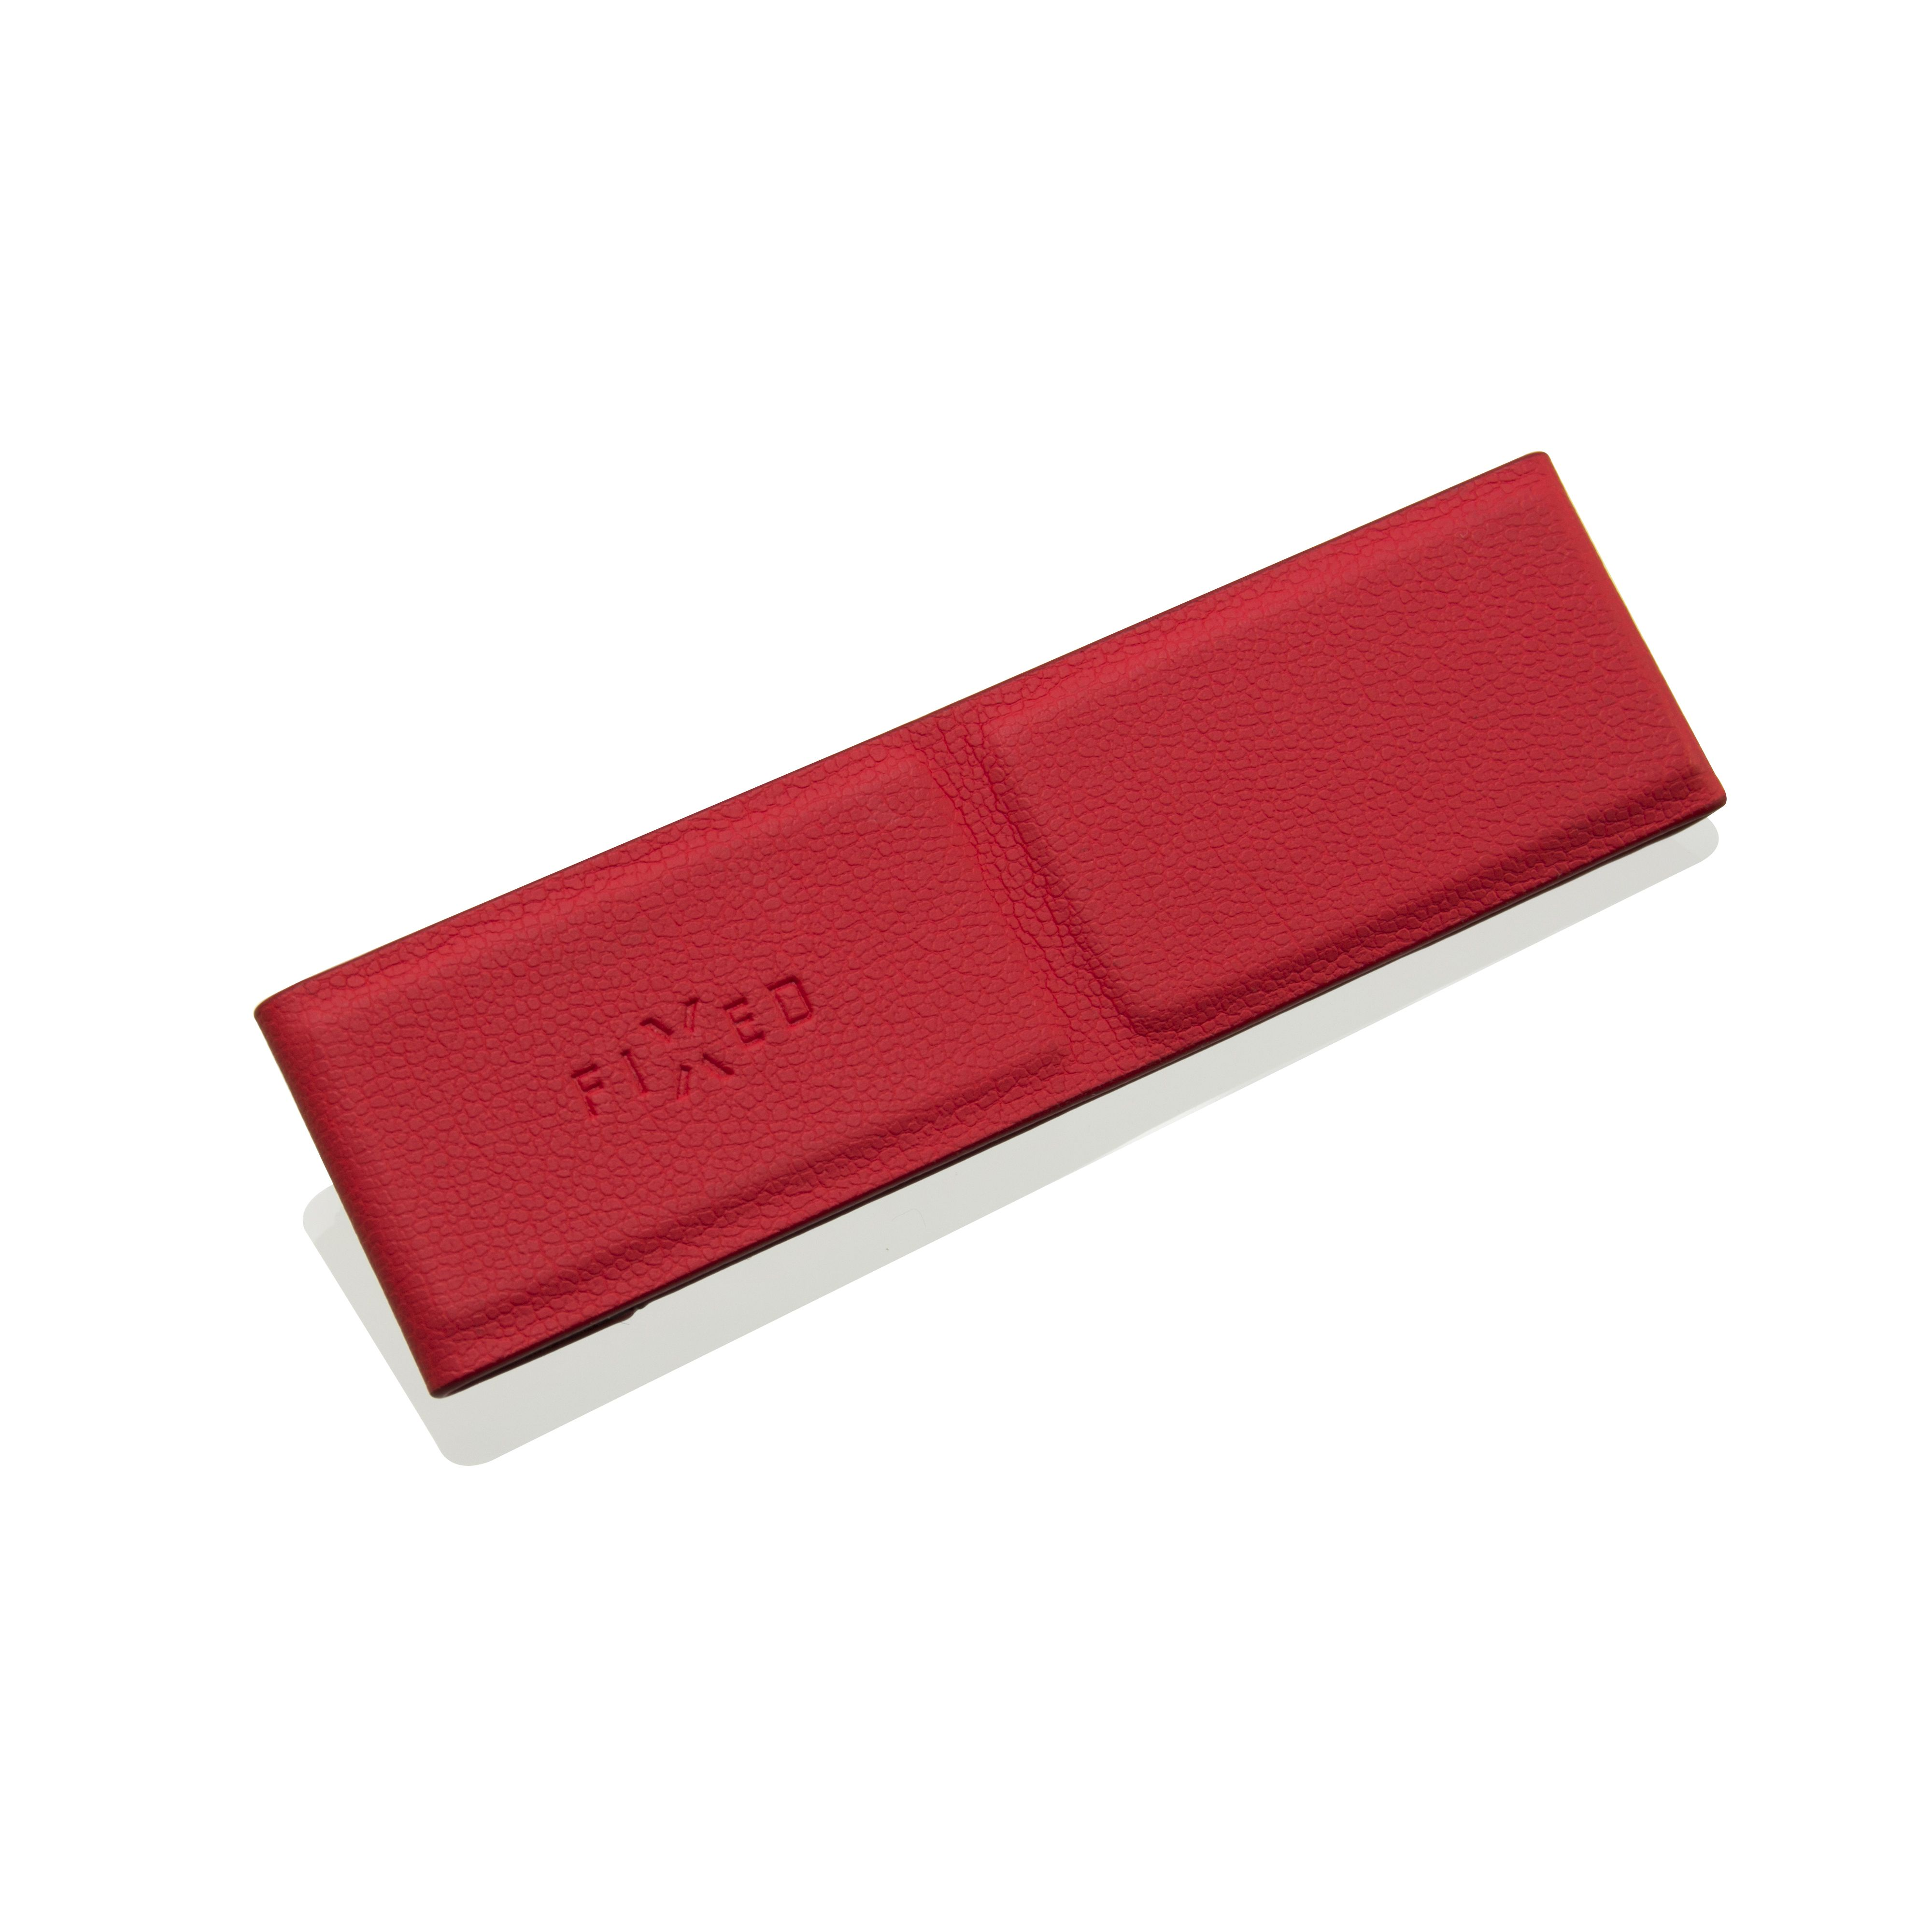 Nalepovací poutko FIXED Foldy pro mobilní telefony se stojánkem, PU kůže, červené